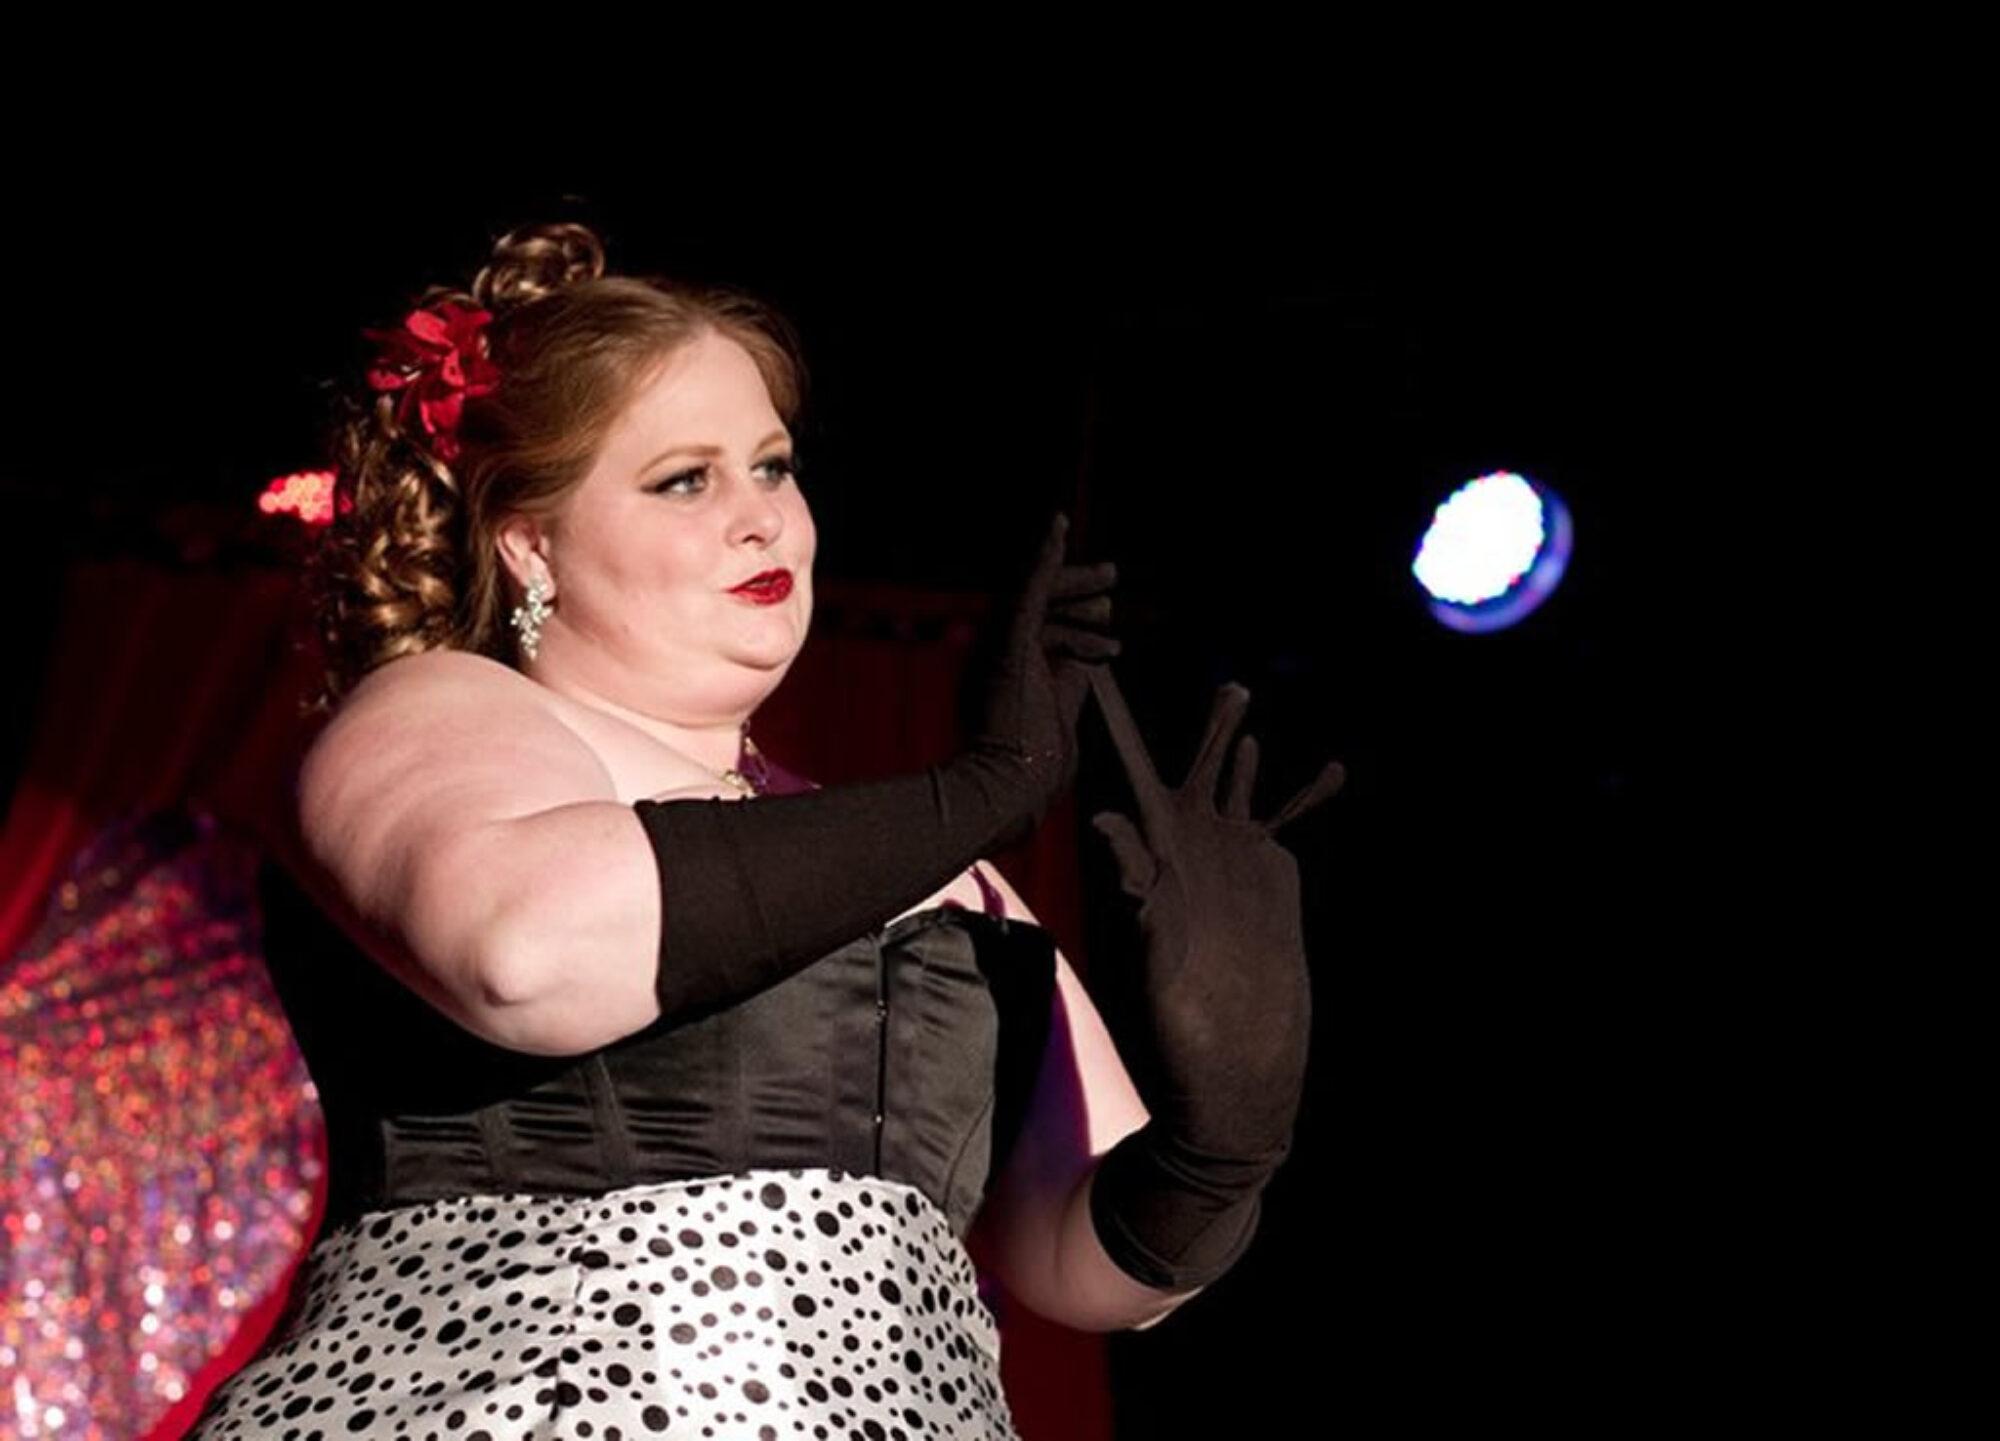 Austin Burlesque